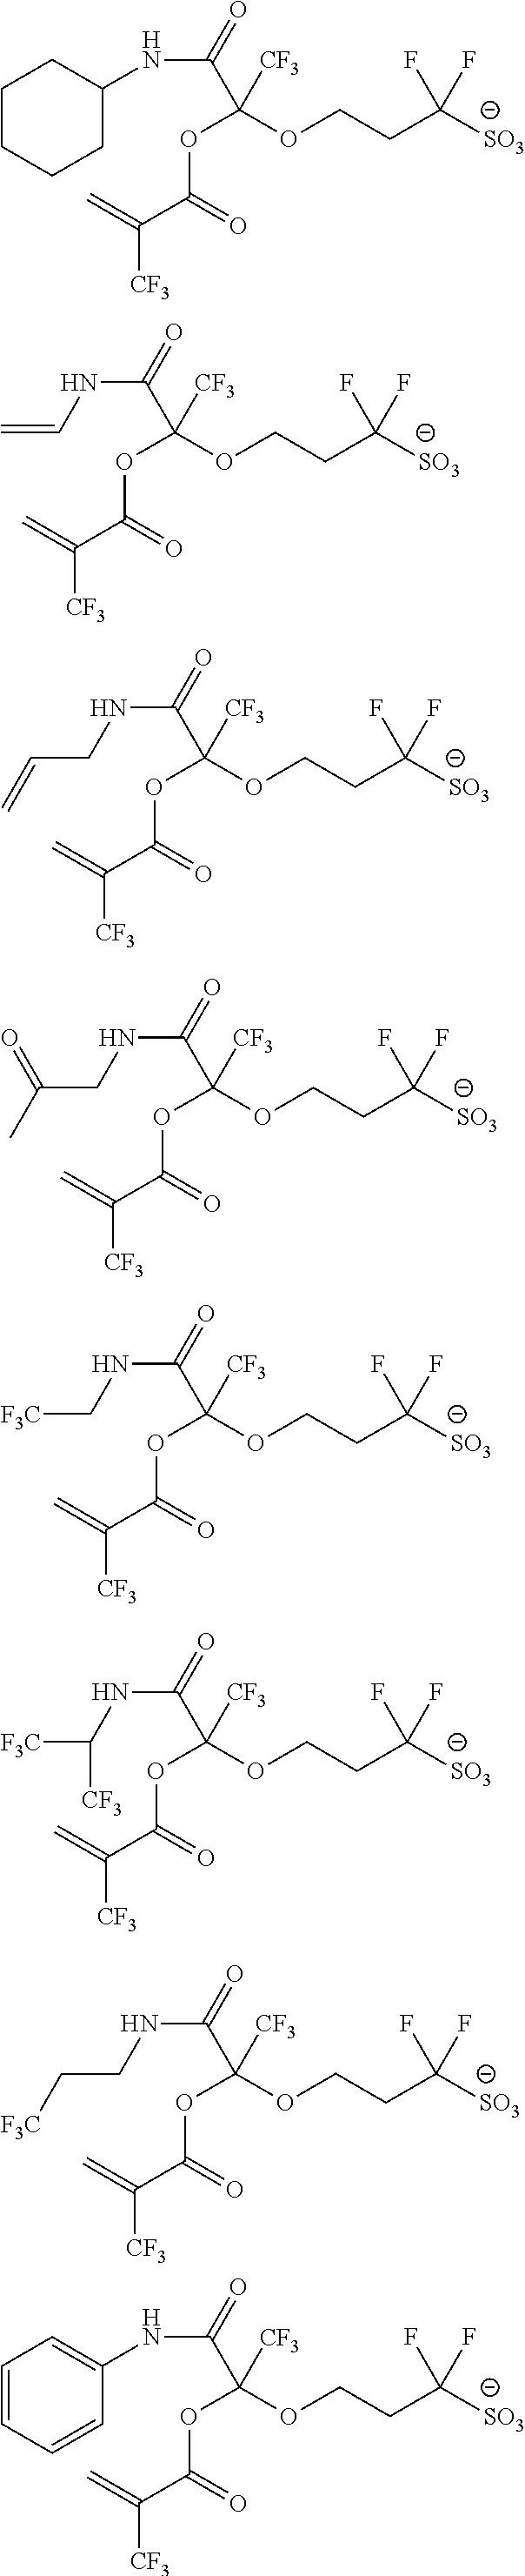 Figure US09182664-20151110-C00070